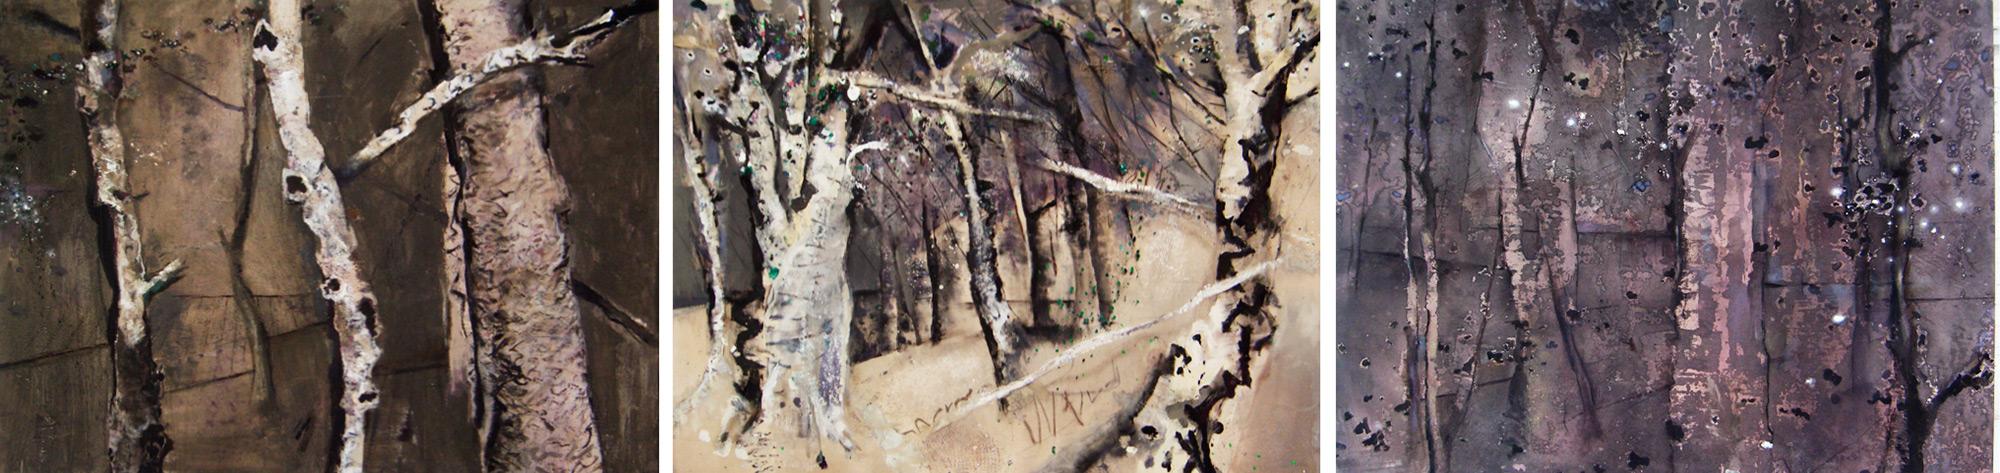 Forest Interior Triptych  1982-2000, 168 x 685 cm